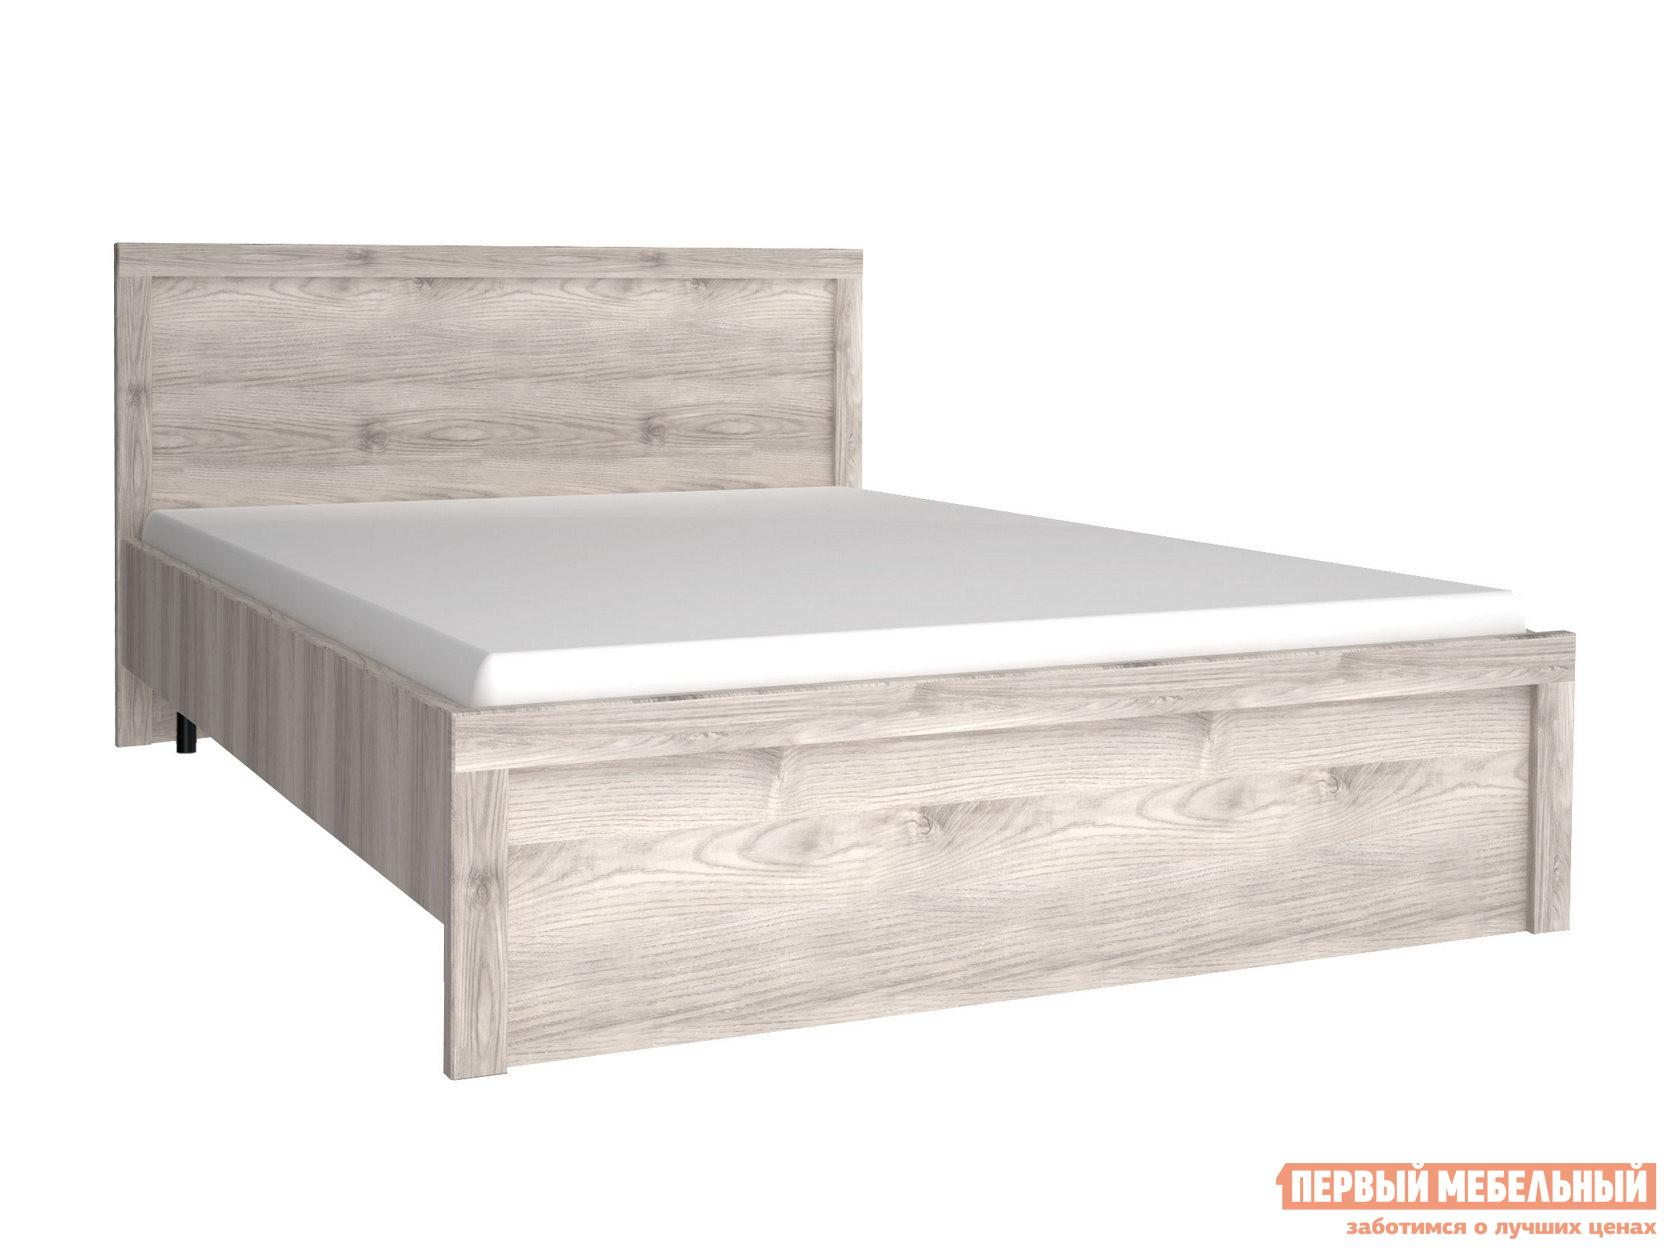 Односпальная кровать Первый Мебельный Кровать Джаз 120х200 железная кровать односпальная tetchair румба